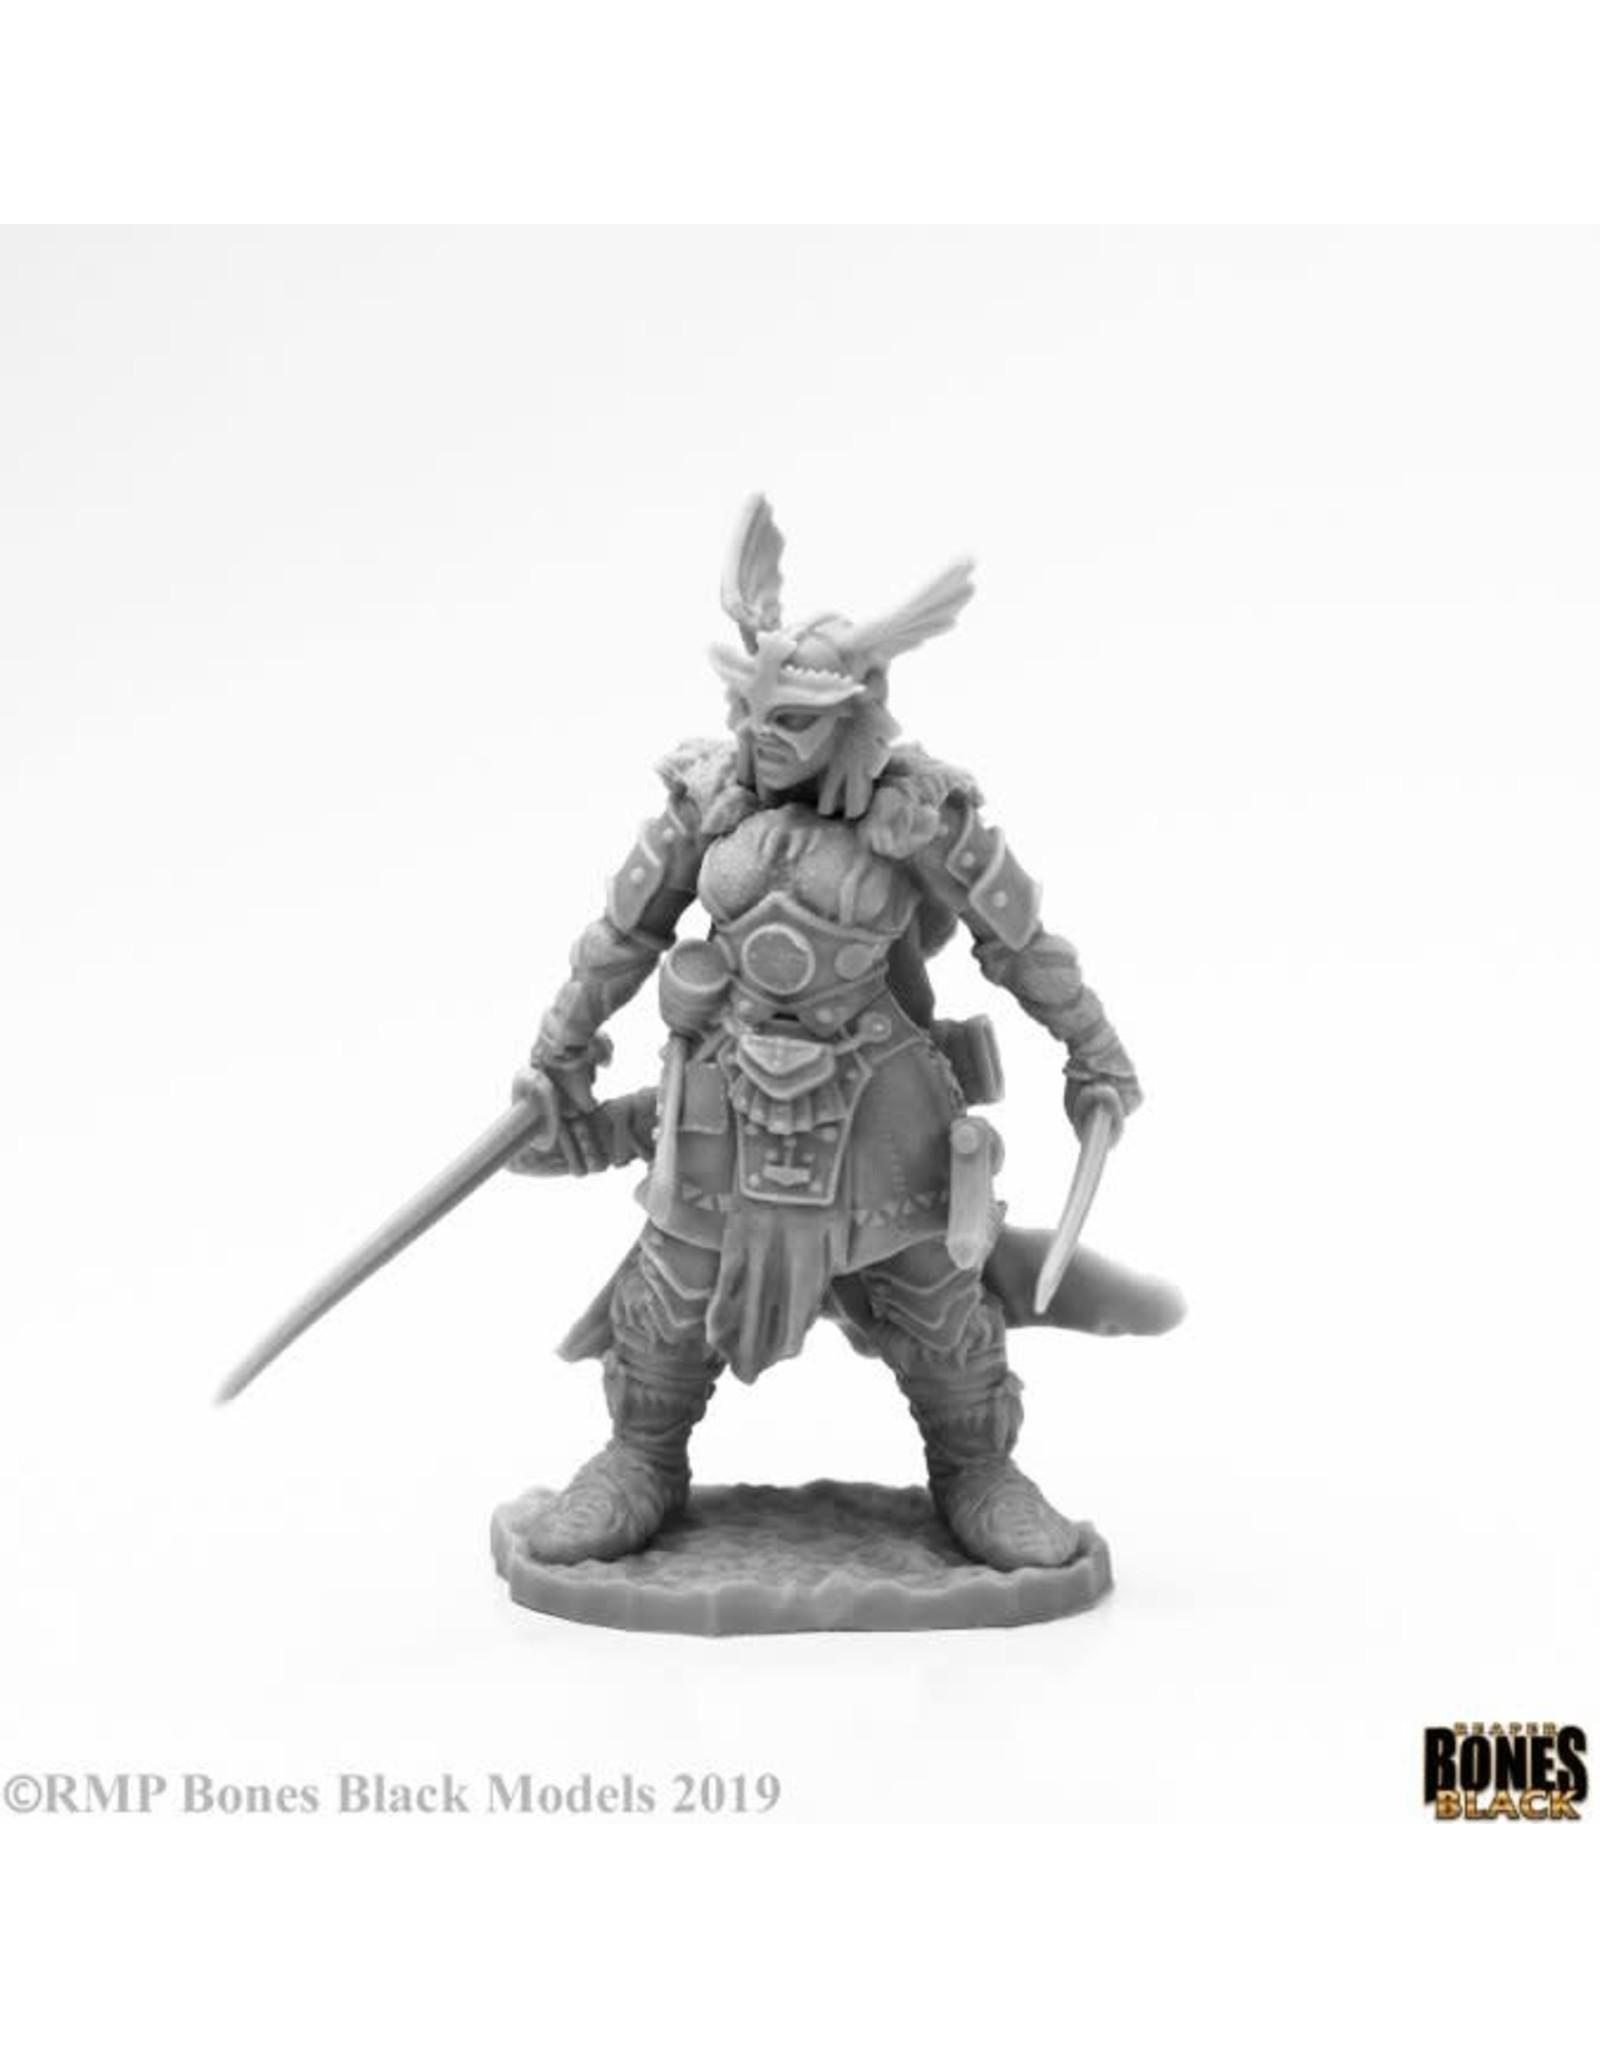 Reaper Reaper: Bones Black: Frost Giant Heroine